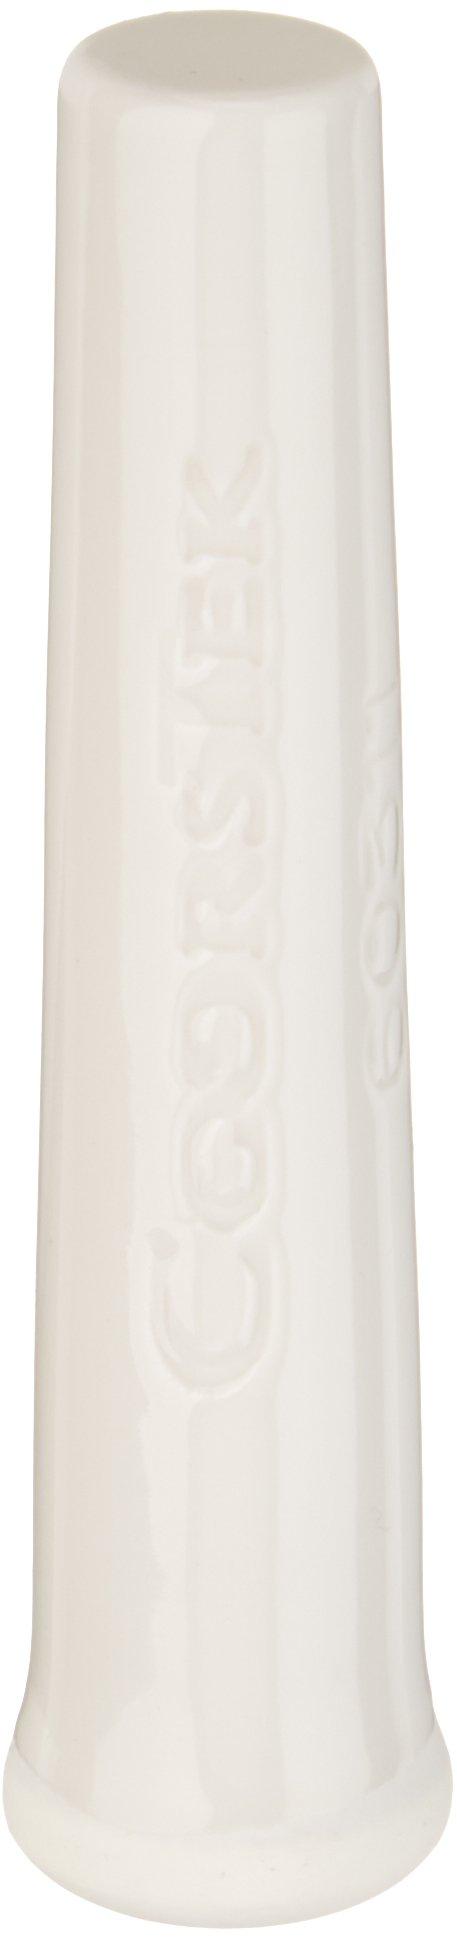 CoorsTek 60311 Porcelain Ceramic Chemical and Heat Resistant Pestle for 60310 Porcelain Mortar, 114mm Length